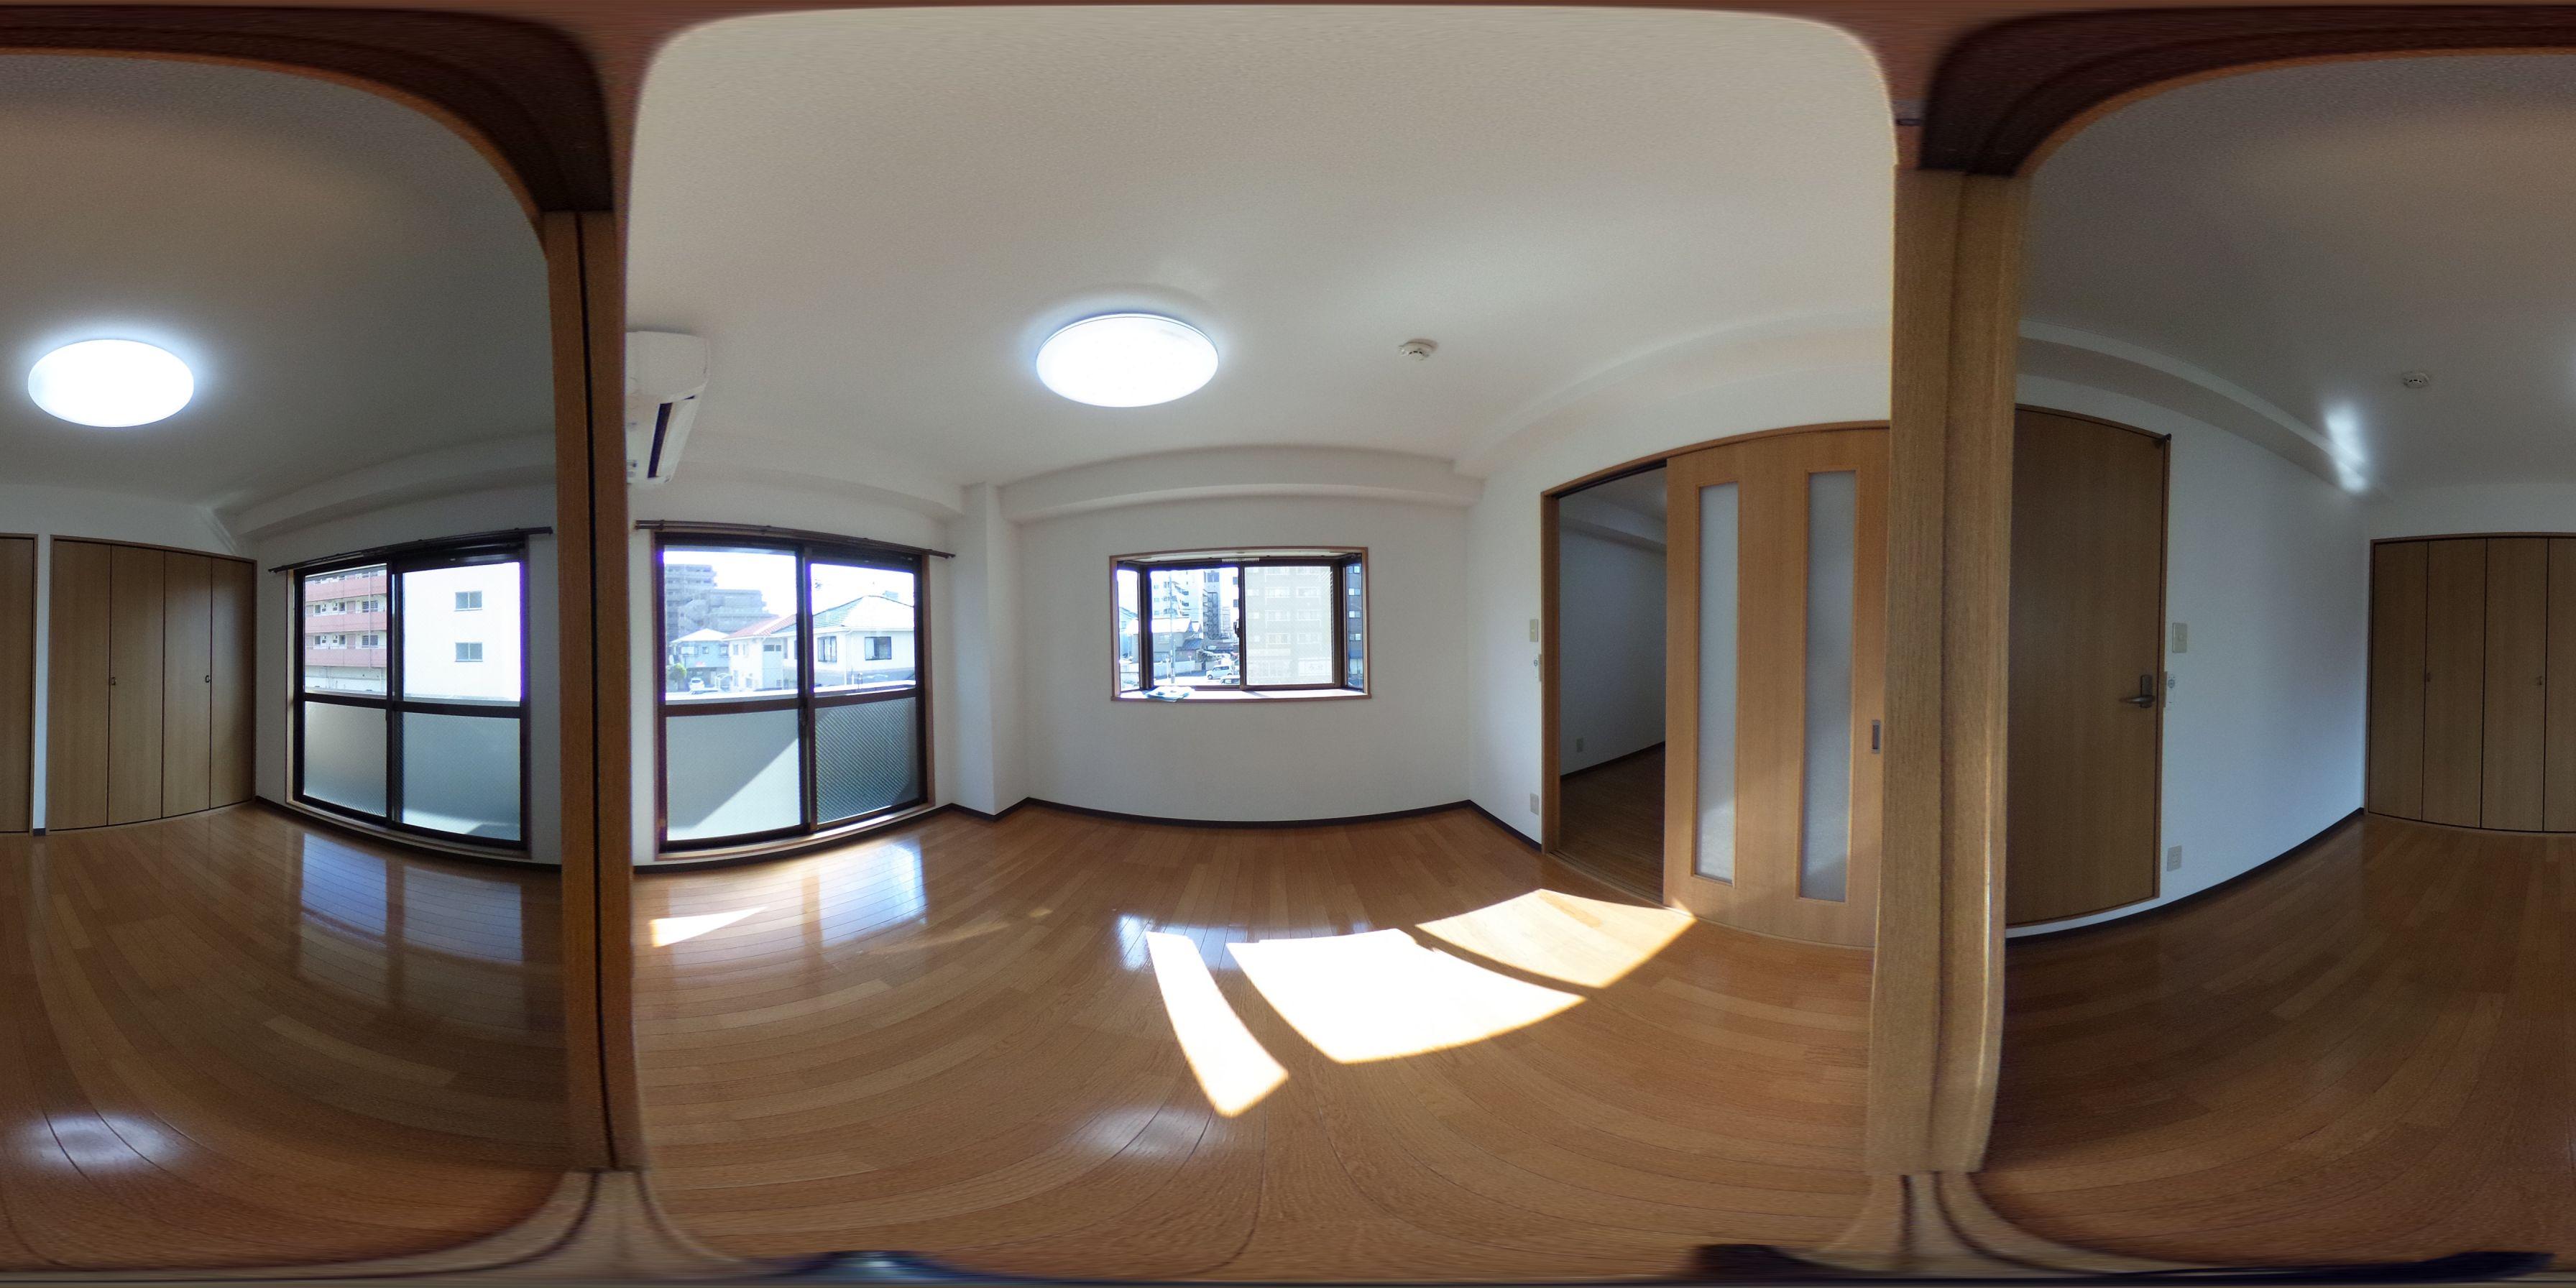 岡山市北区奥田本町 賃貸マンション 2Kパノラマ画像